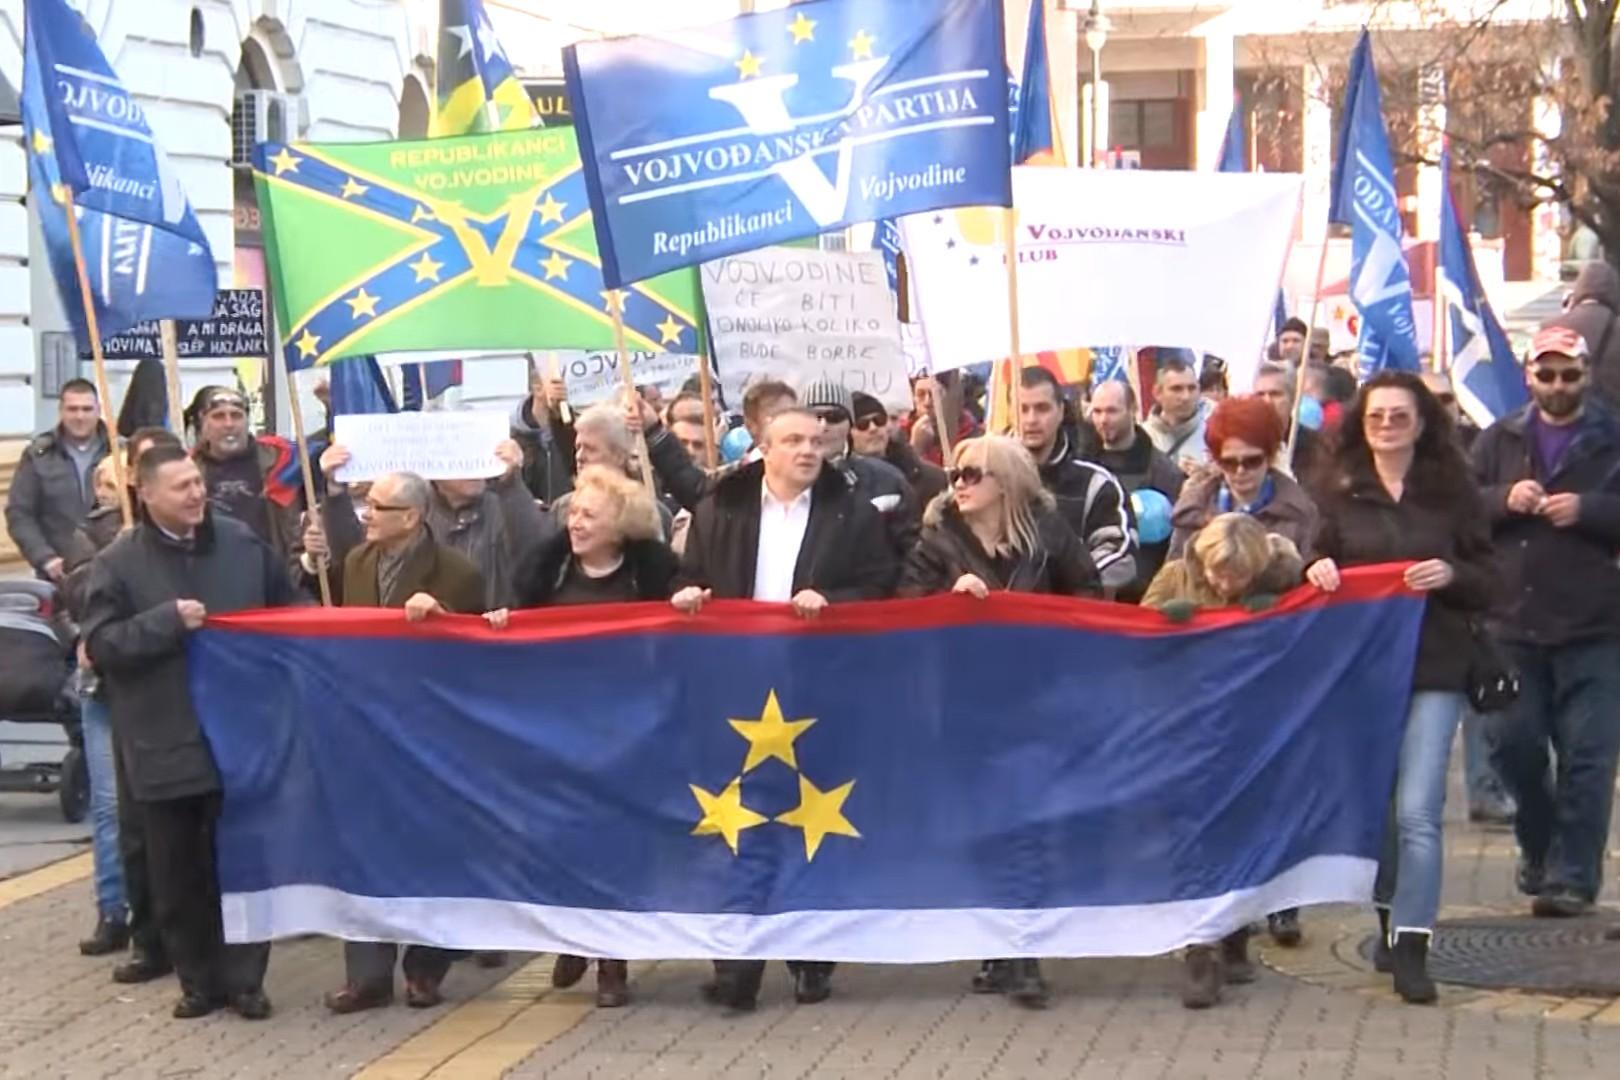 Vojvođanski autonomaši tokom Šetnje za Vojvodinu, Subotica, 29. novembar 2015. (Foto: Snimak ekrana/Jutjub/Republikanci Vojvodine)